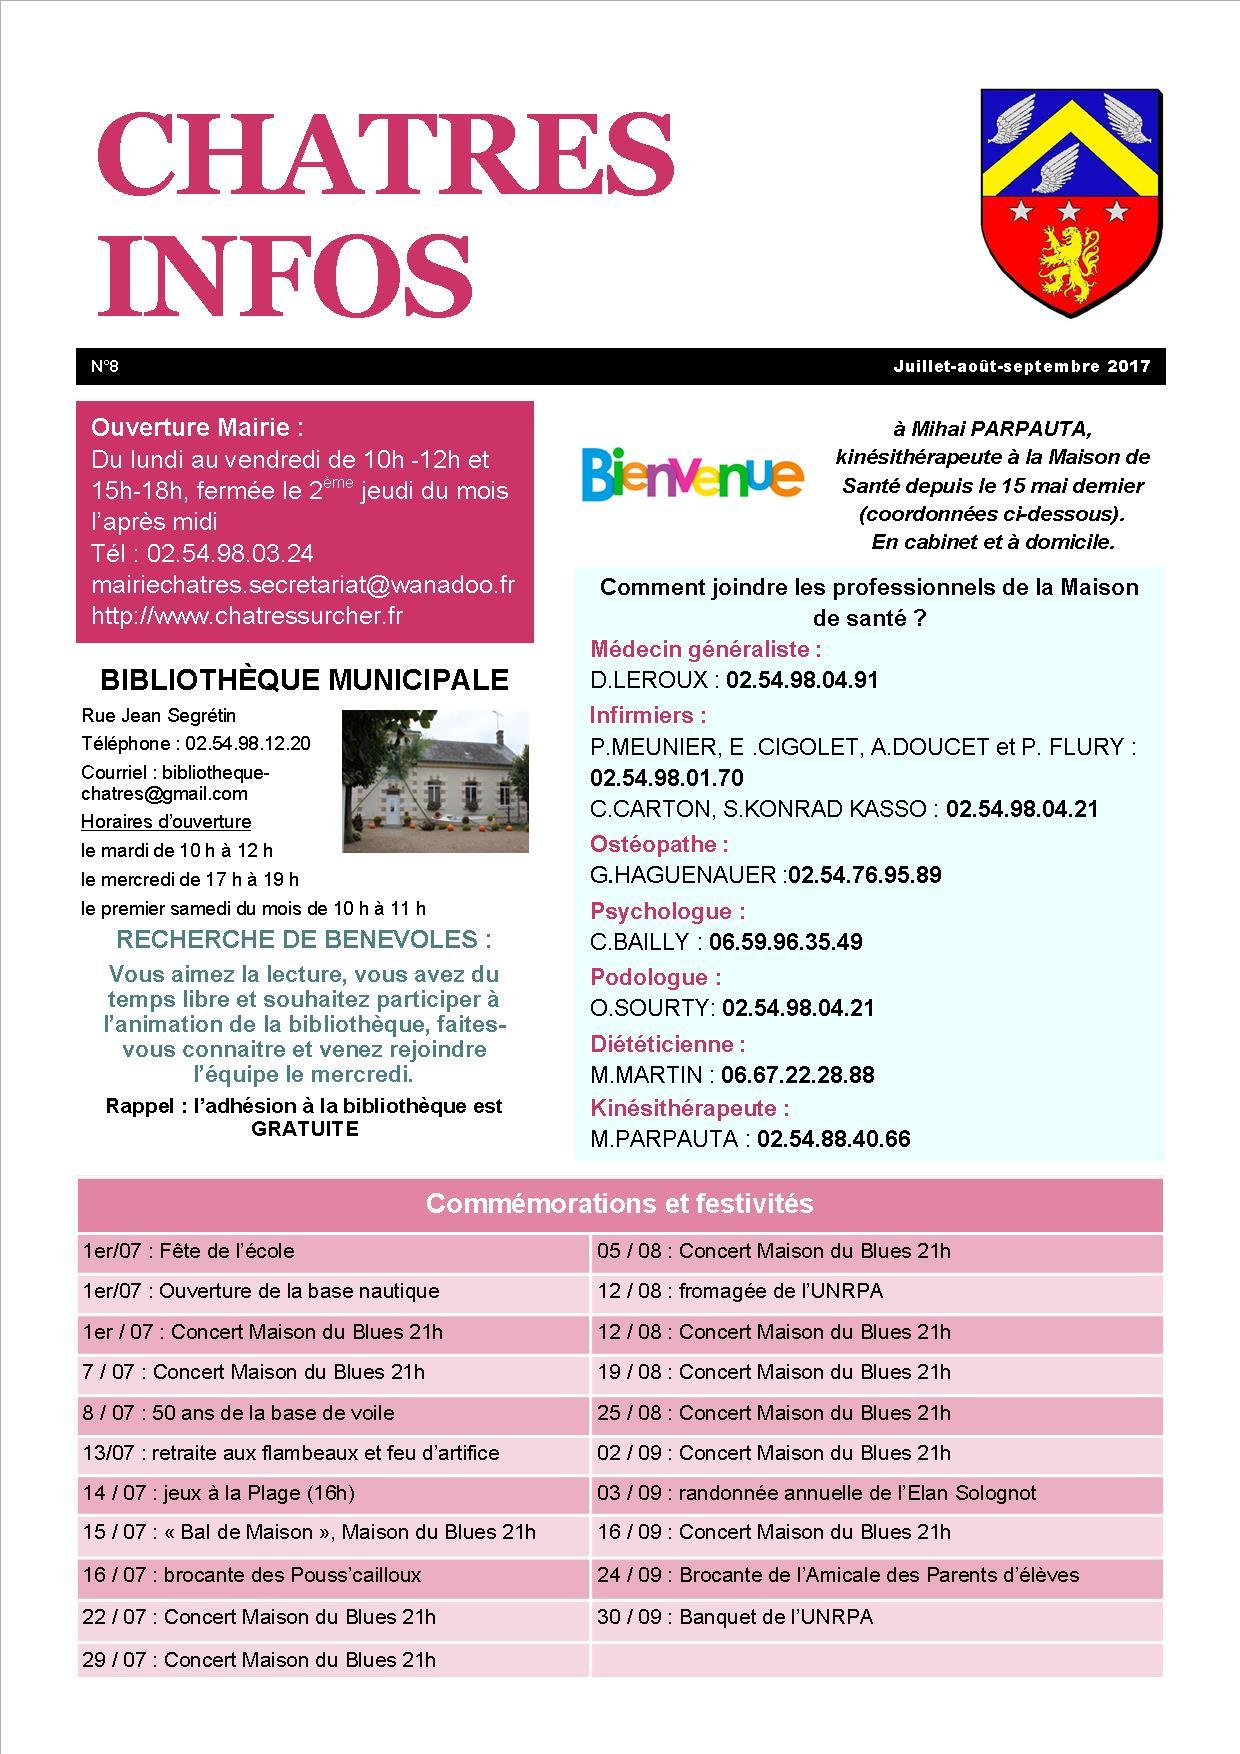 chatres-infos-8